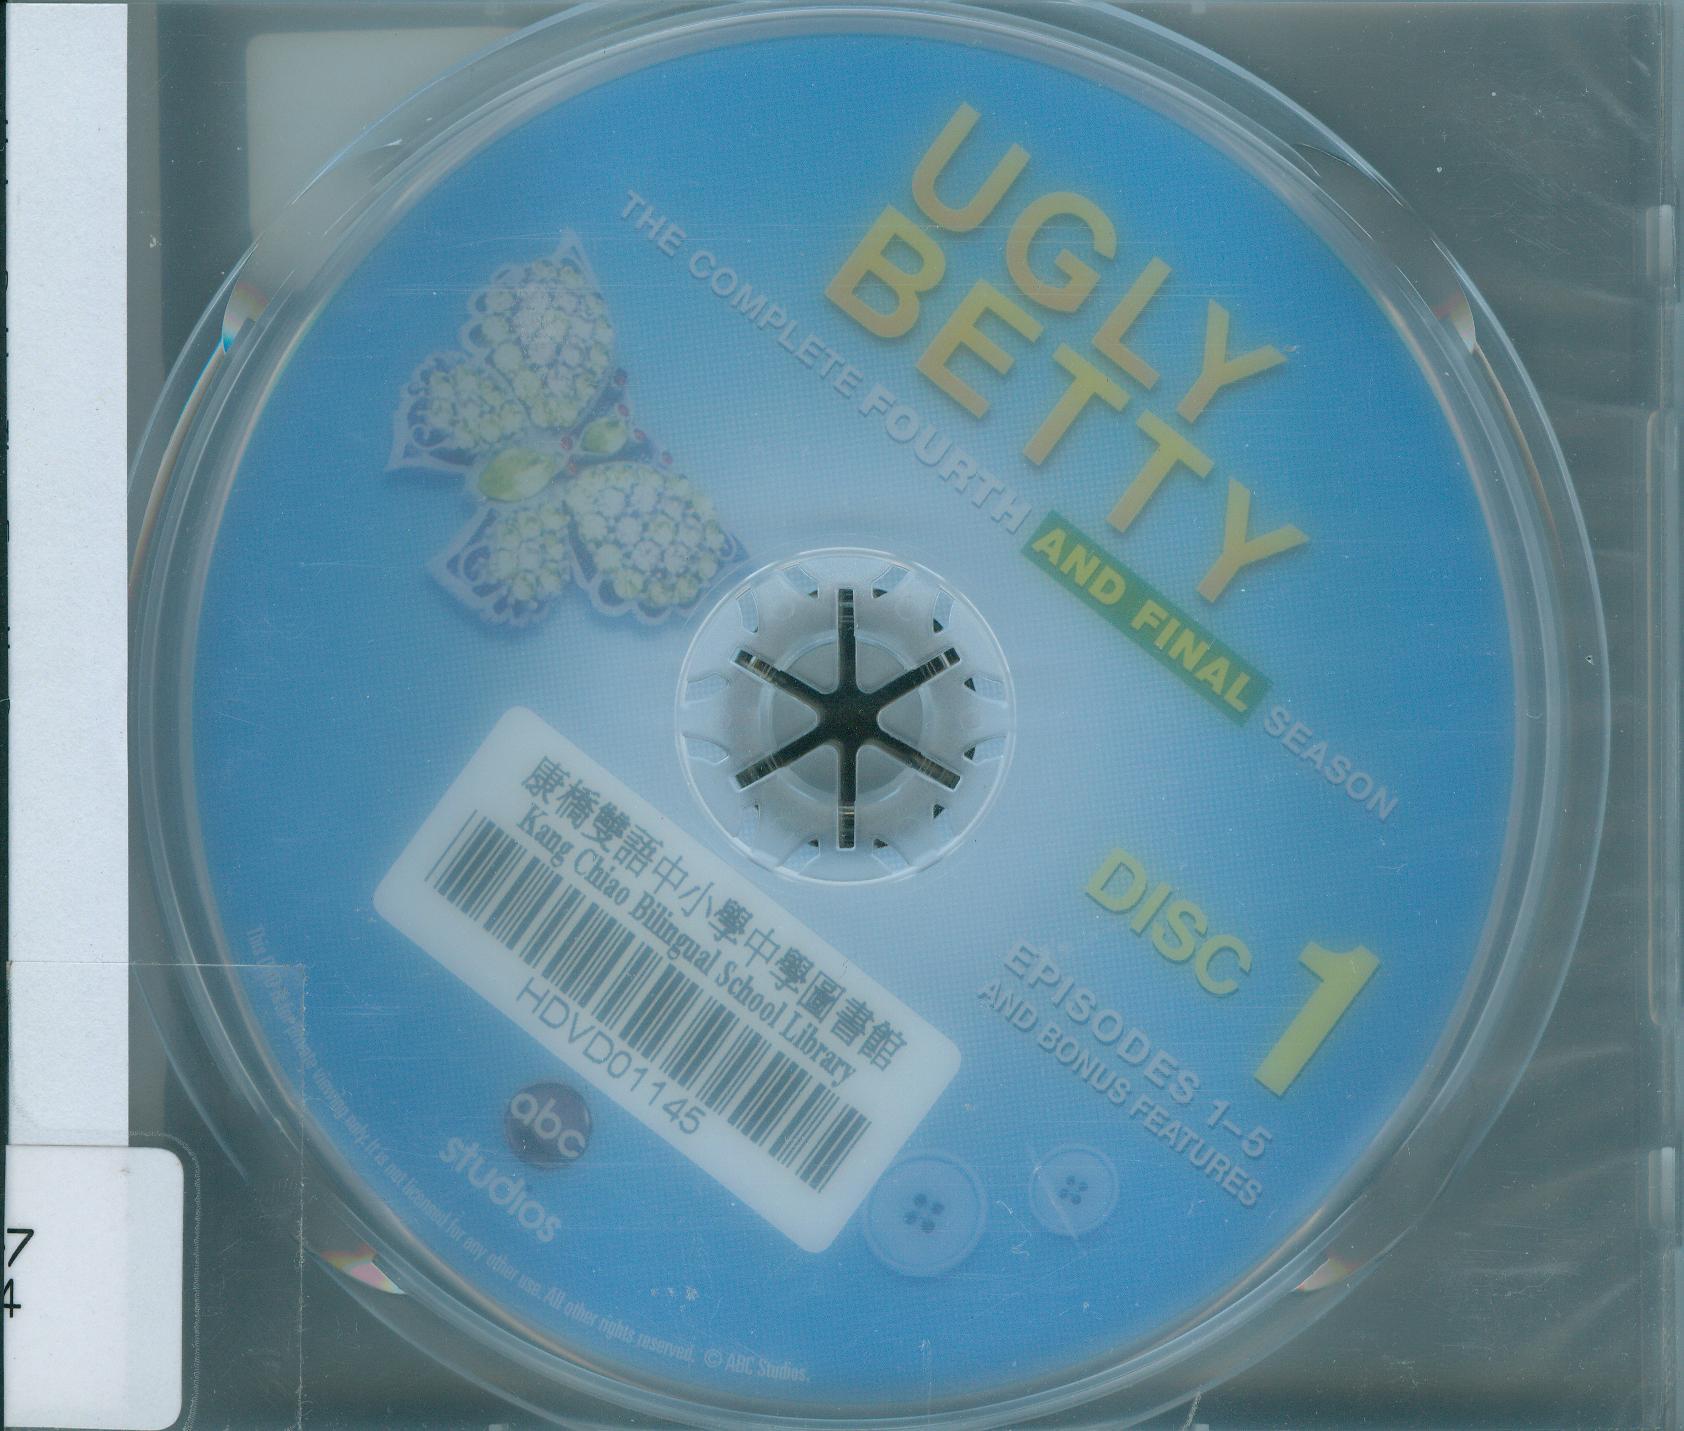 醜女貝蒂[第4季] : Ugly Betty[season 4] : 完結篇